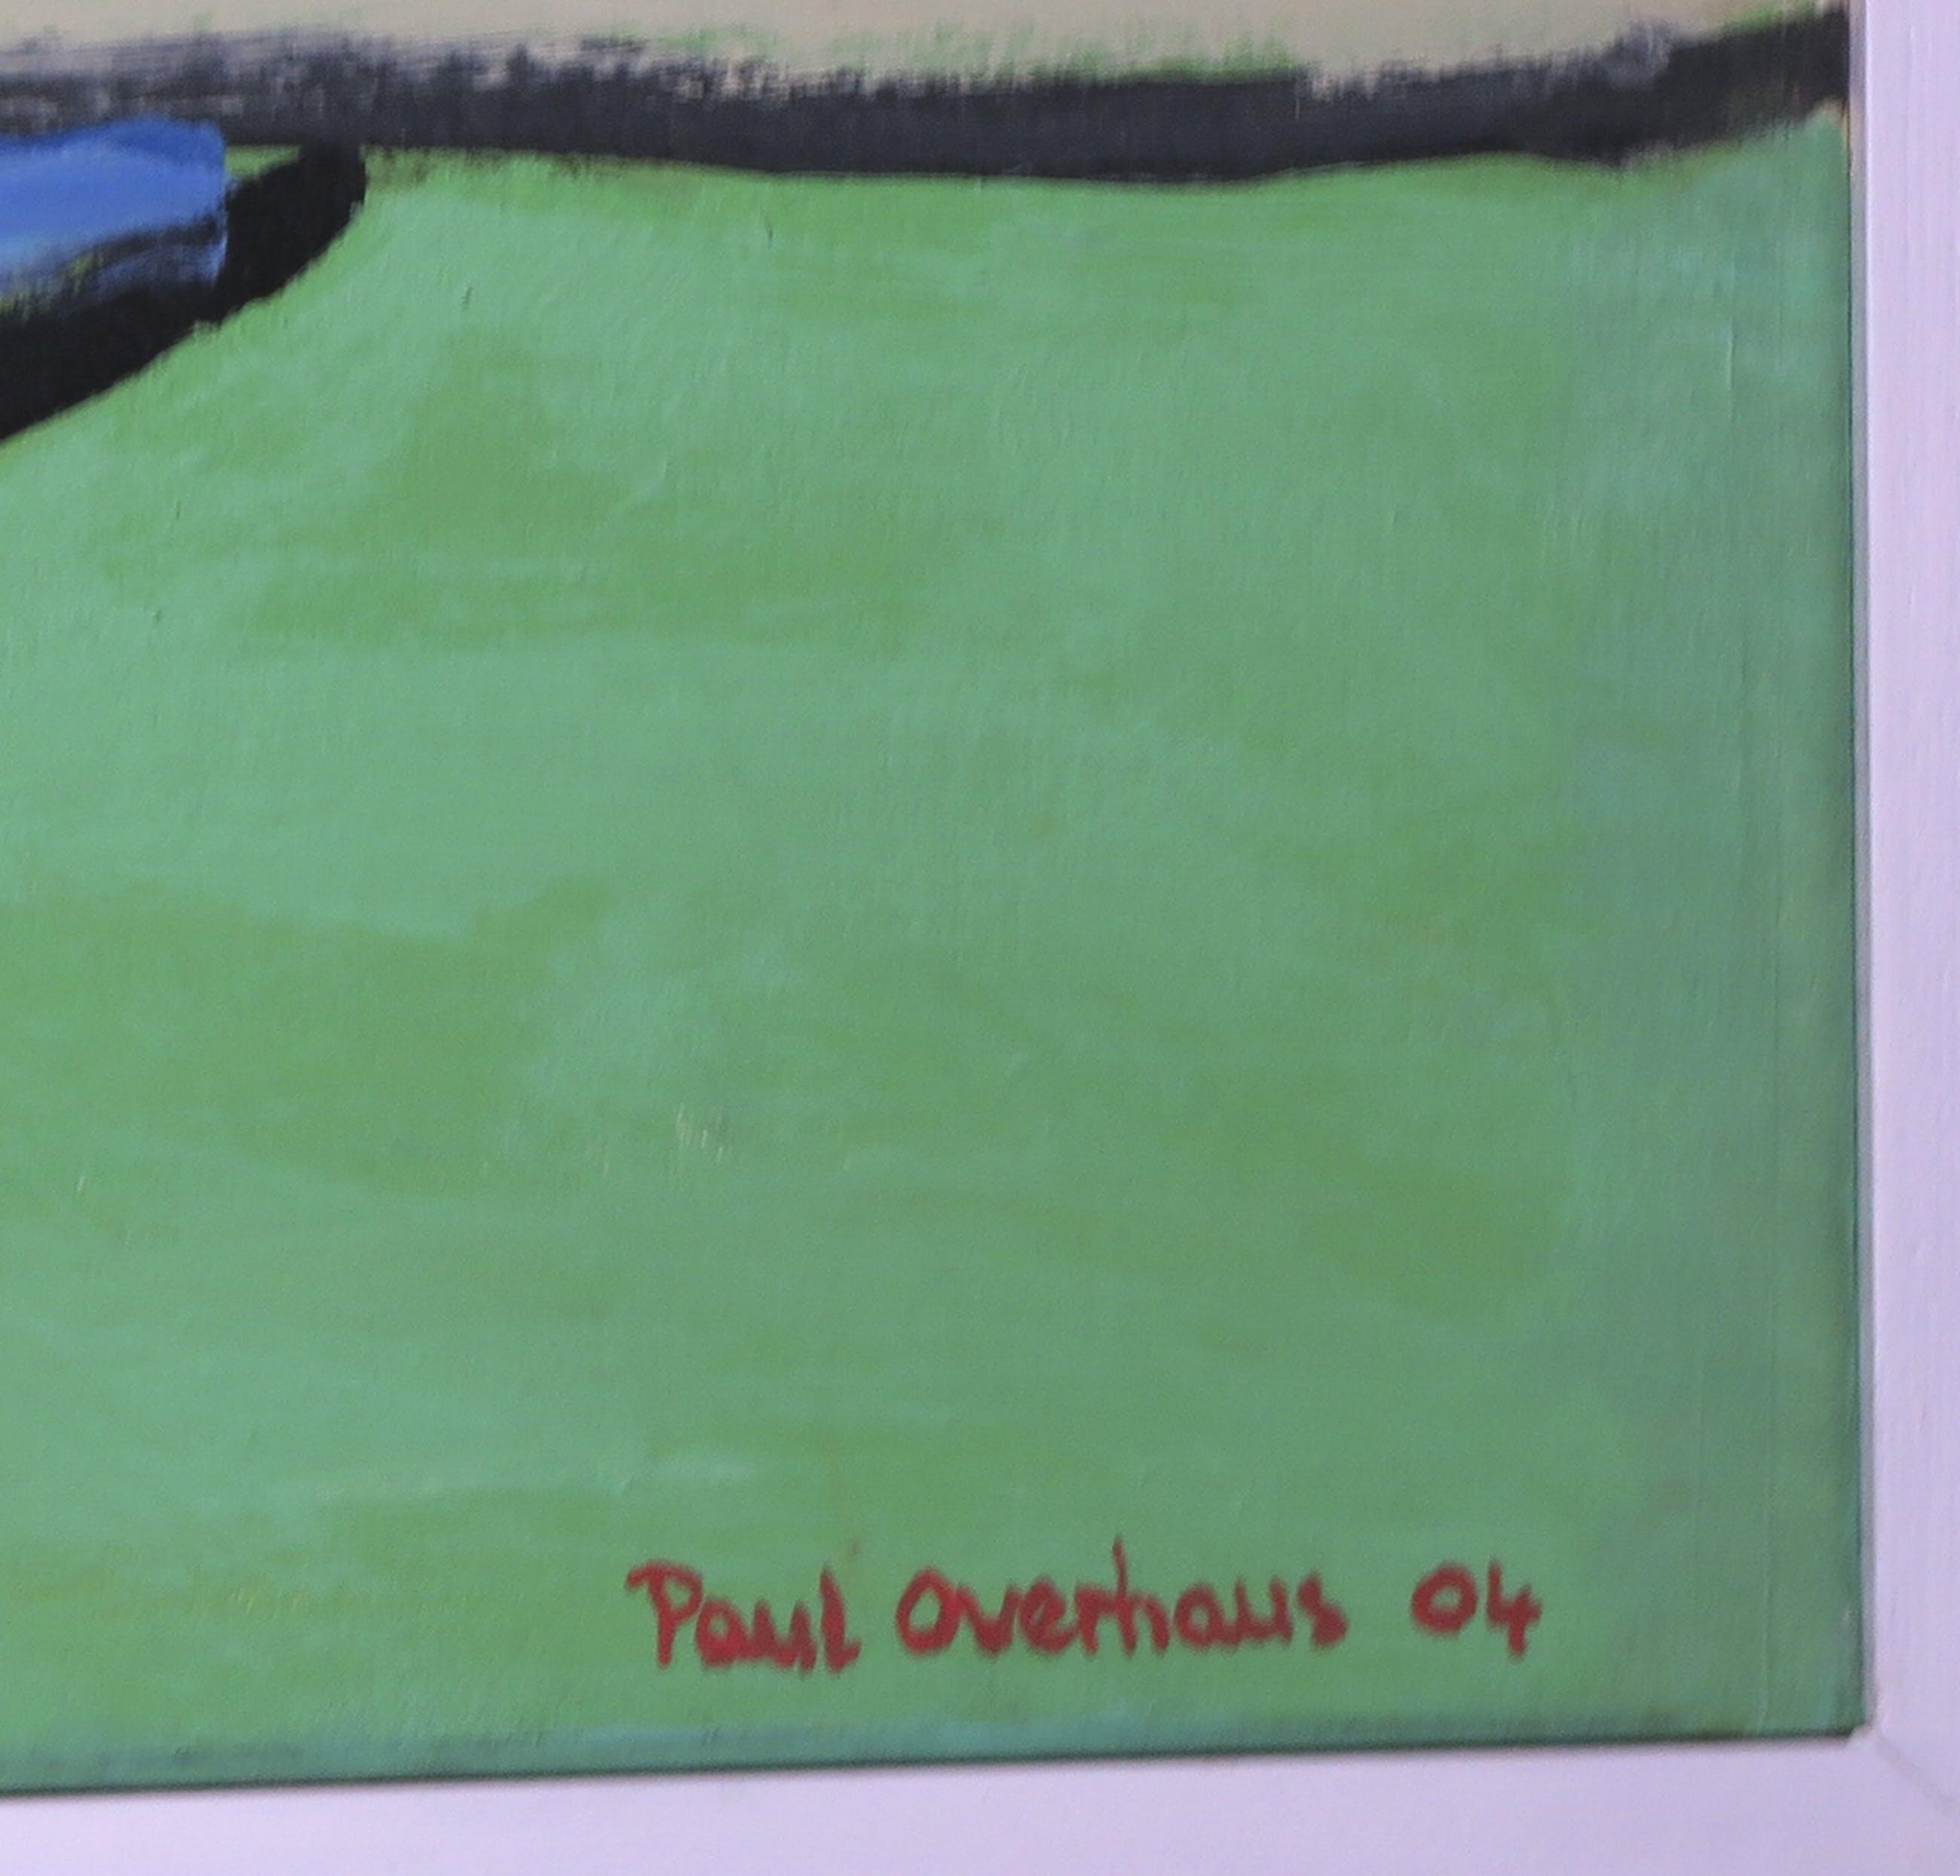 Paul Overhaus - Olieverf op doek, Gele wolk - Ingelijst (Zeer groot) kopen? Bied vanaf 300!